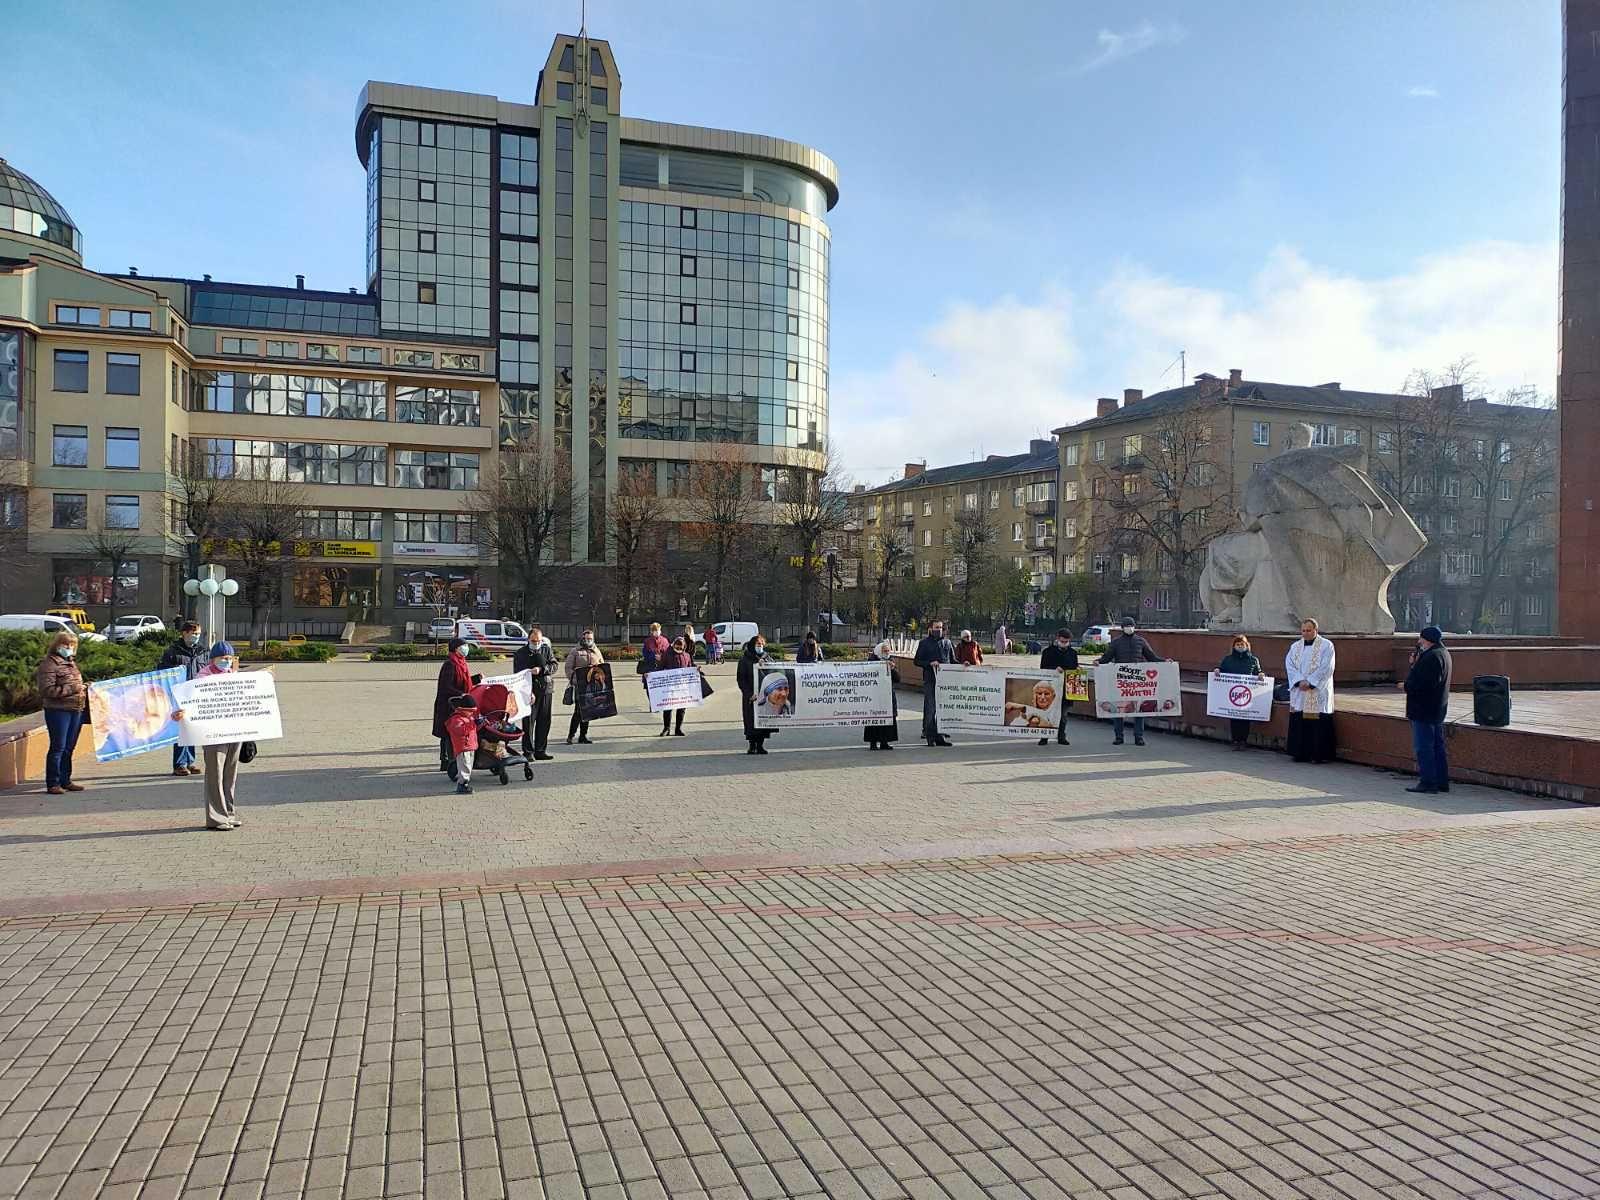 В Івано-Франківську провели молитовну акцію до століття легалізації абортів - фото 61955